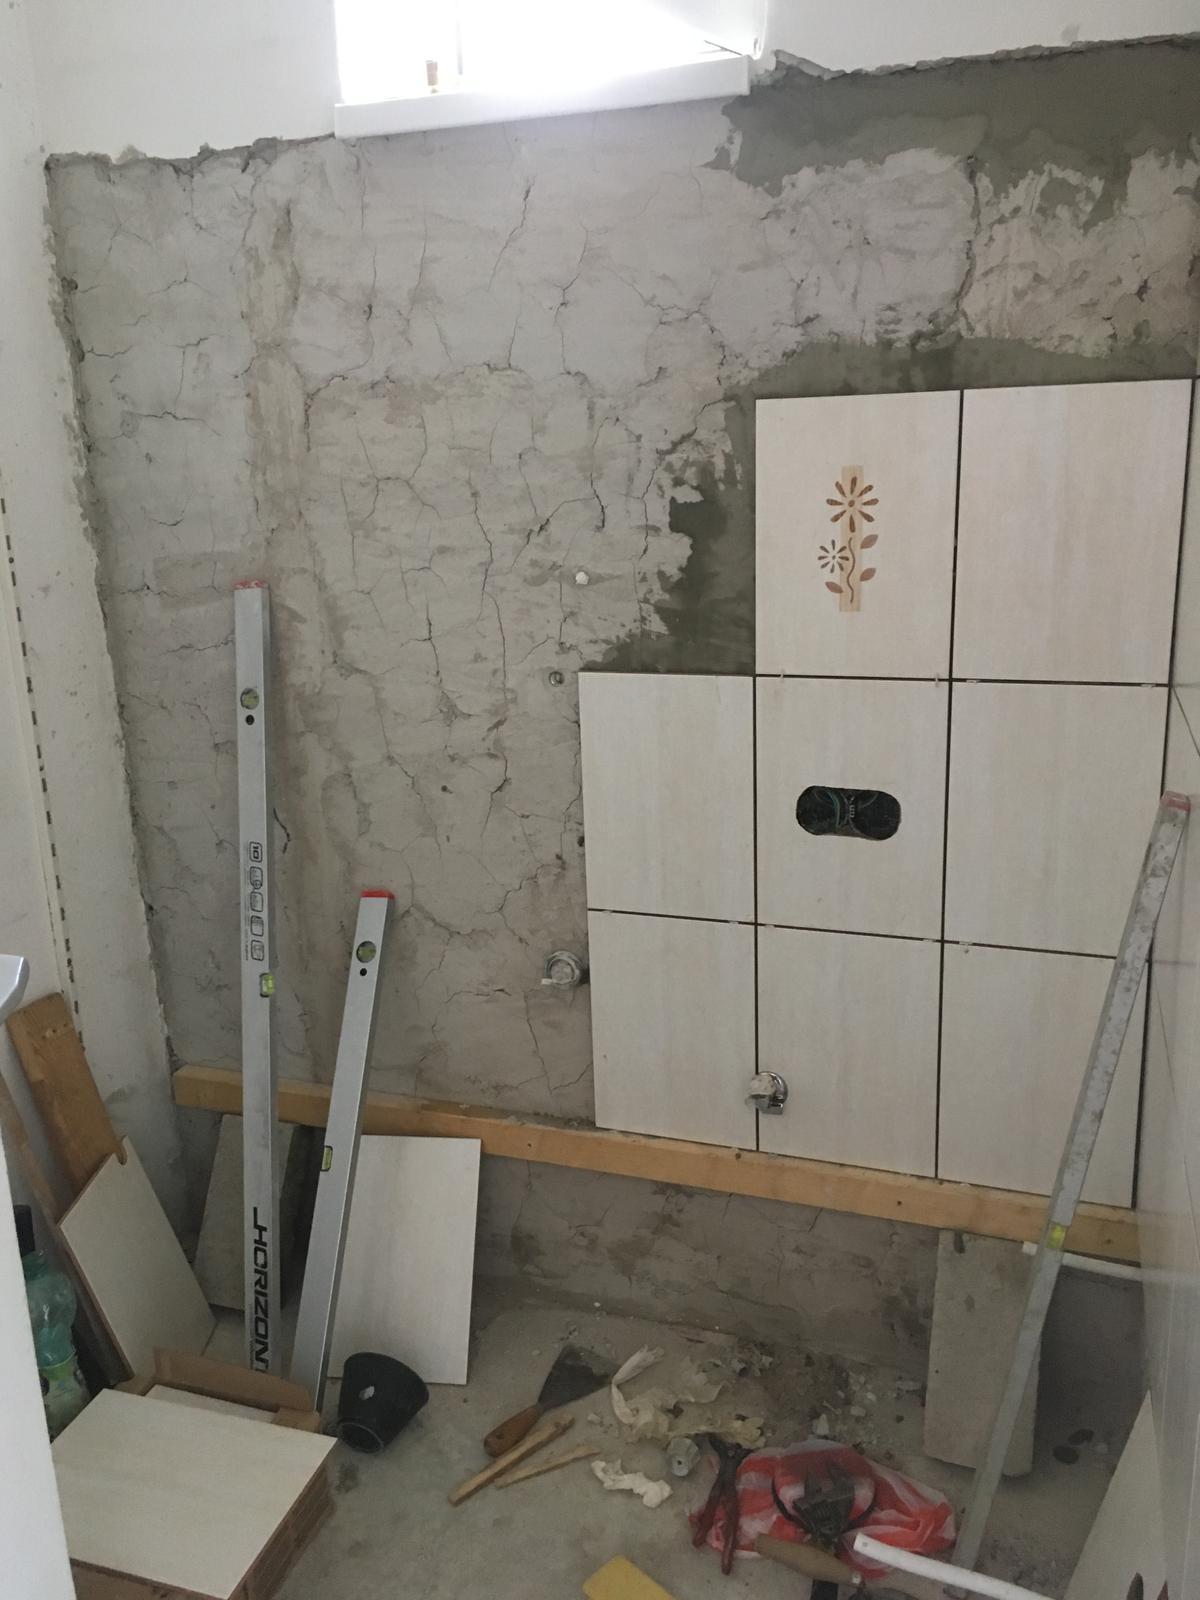 Rekonštrukcia WC - Priestoru nazvyš nie je. 152×176 cm. Obklad 35×25 vychádzal ideálne.